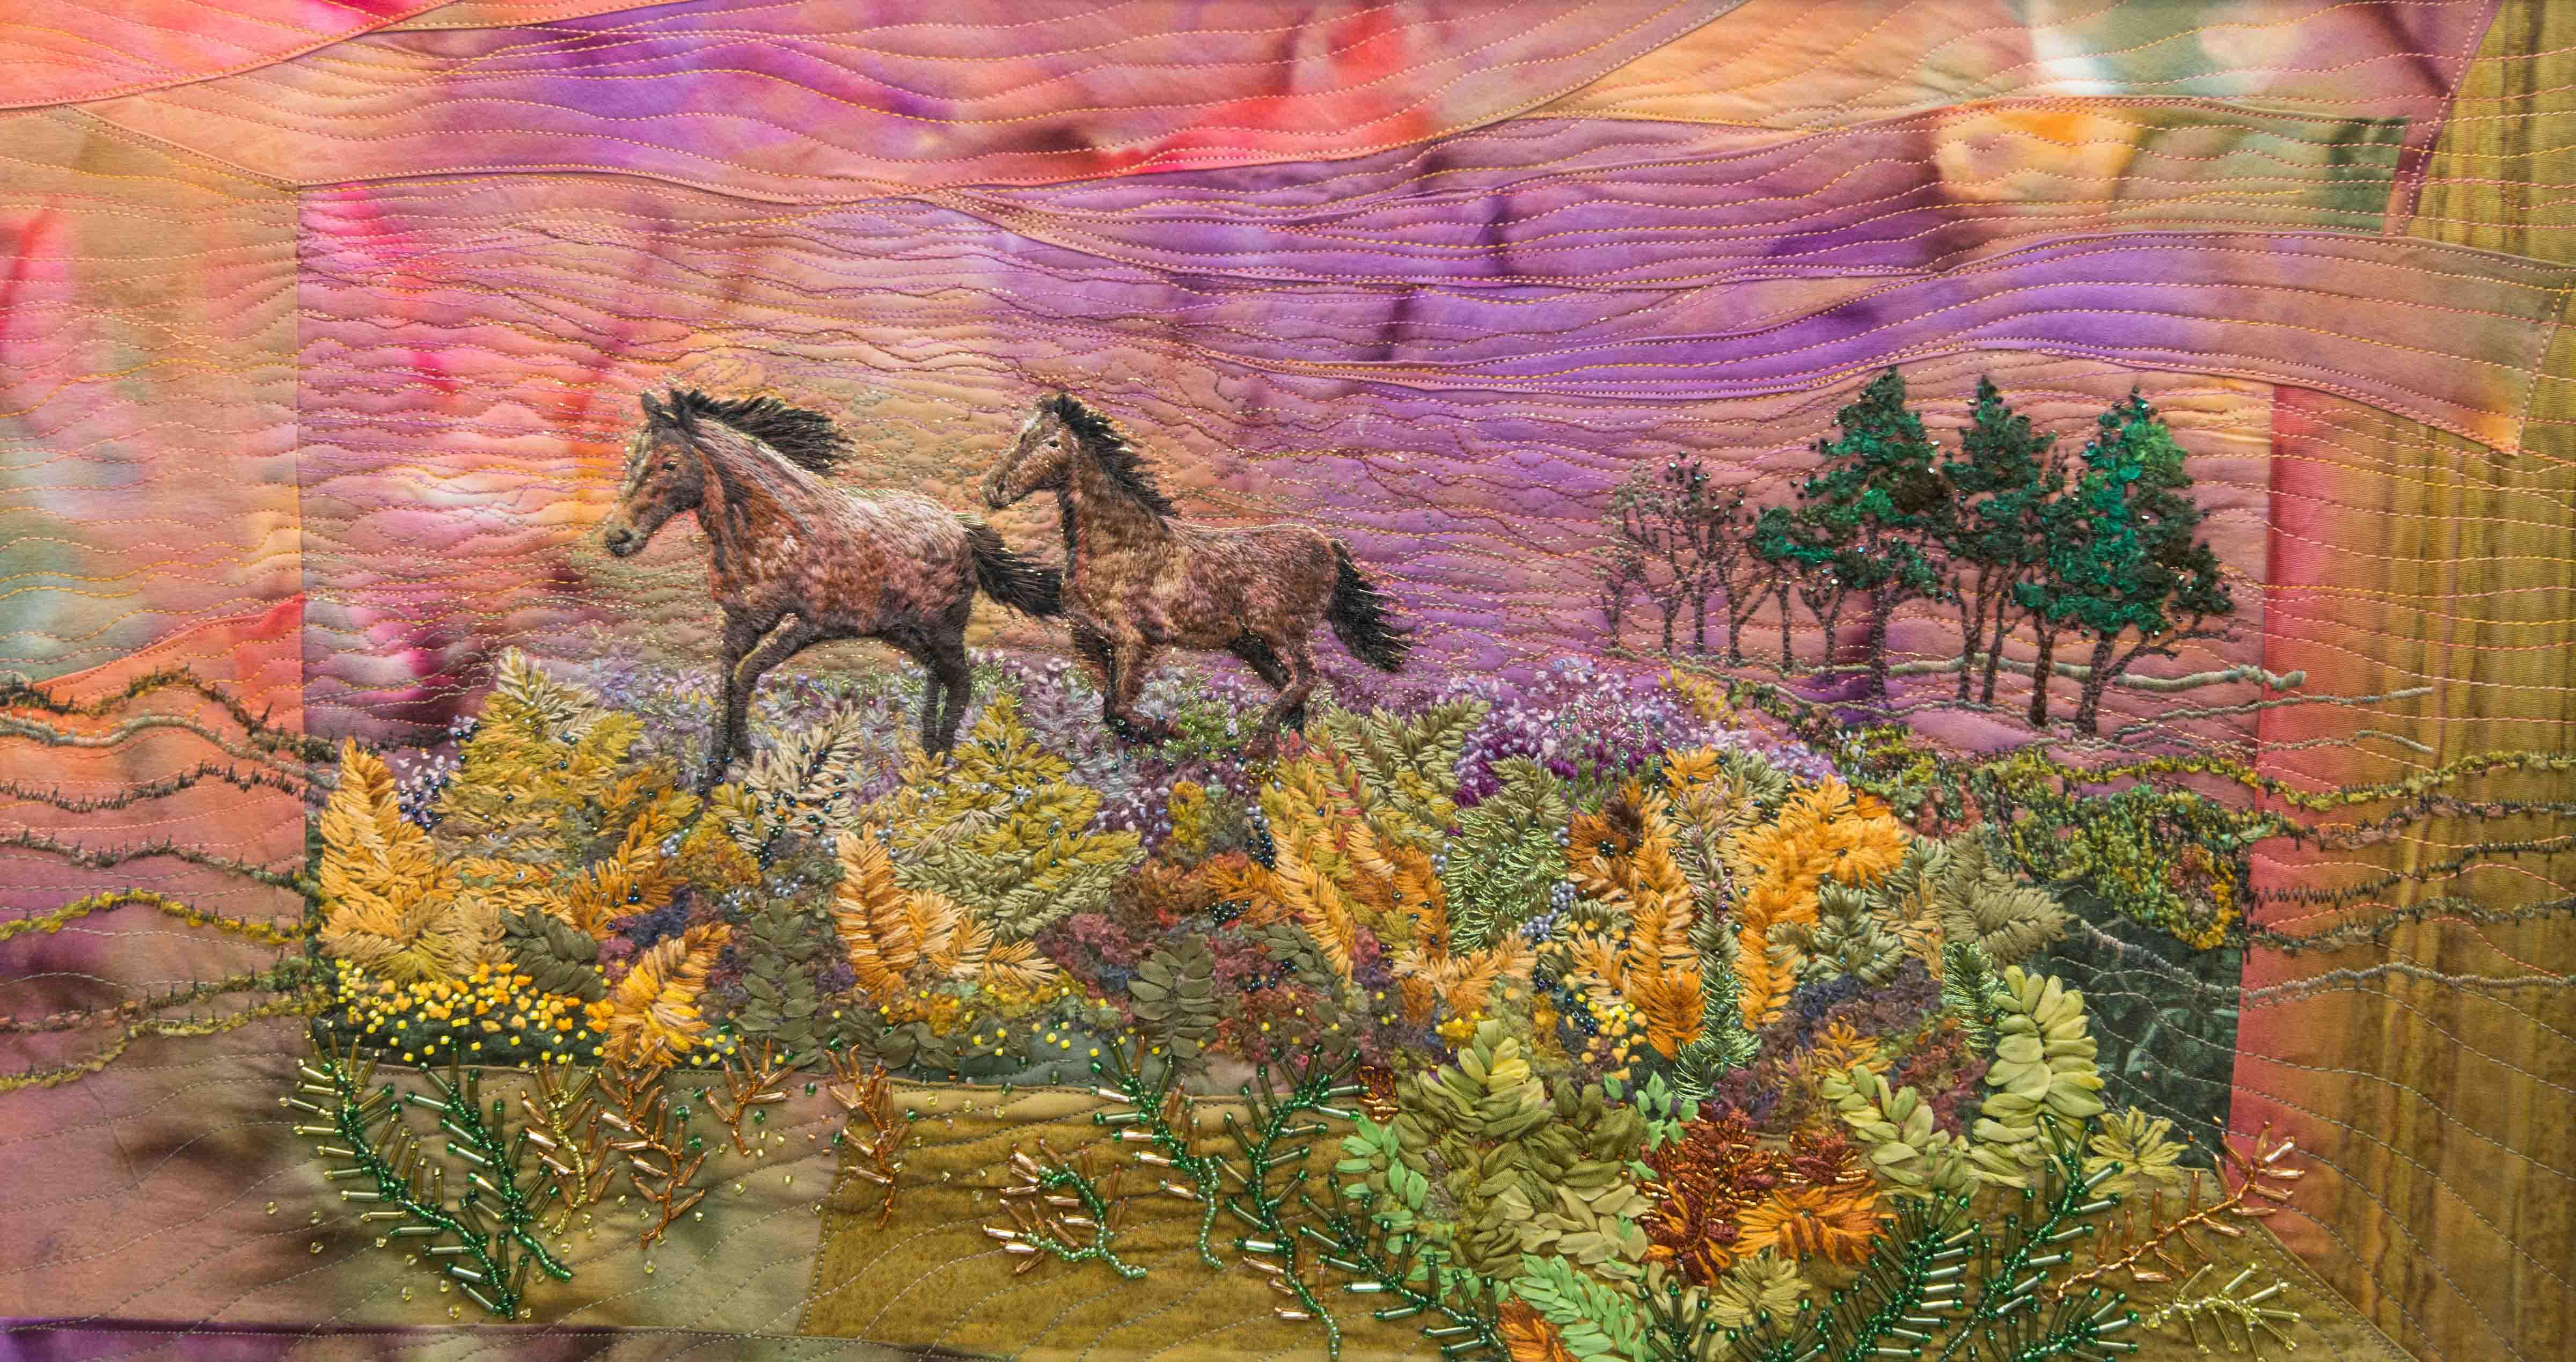 New Forest Open Art people's prize winner 'Running Wild' by Jillian Fry